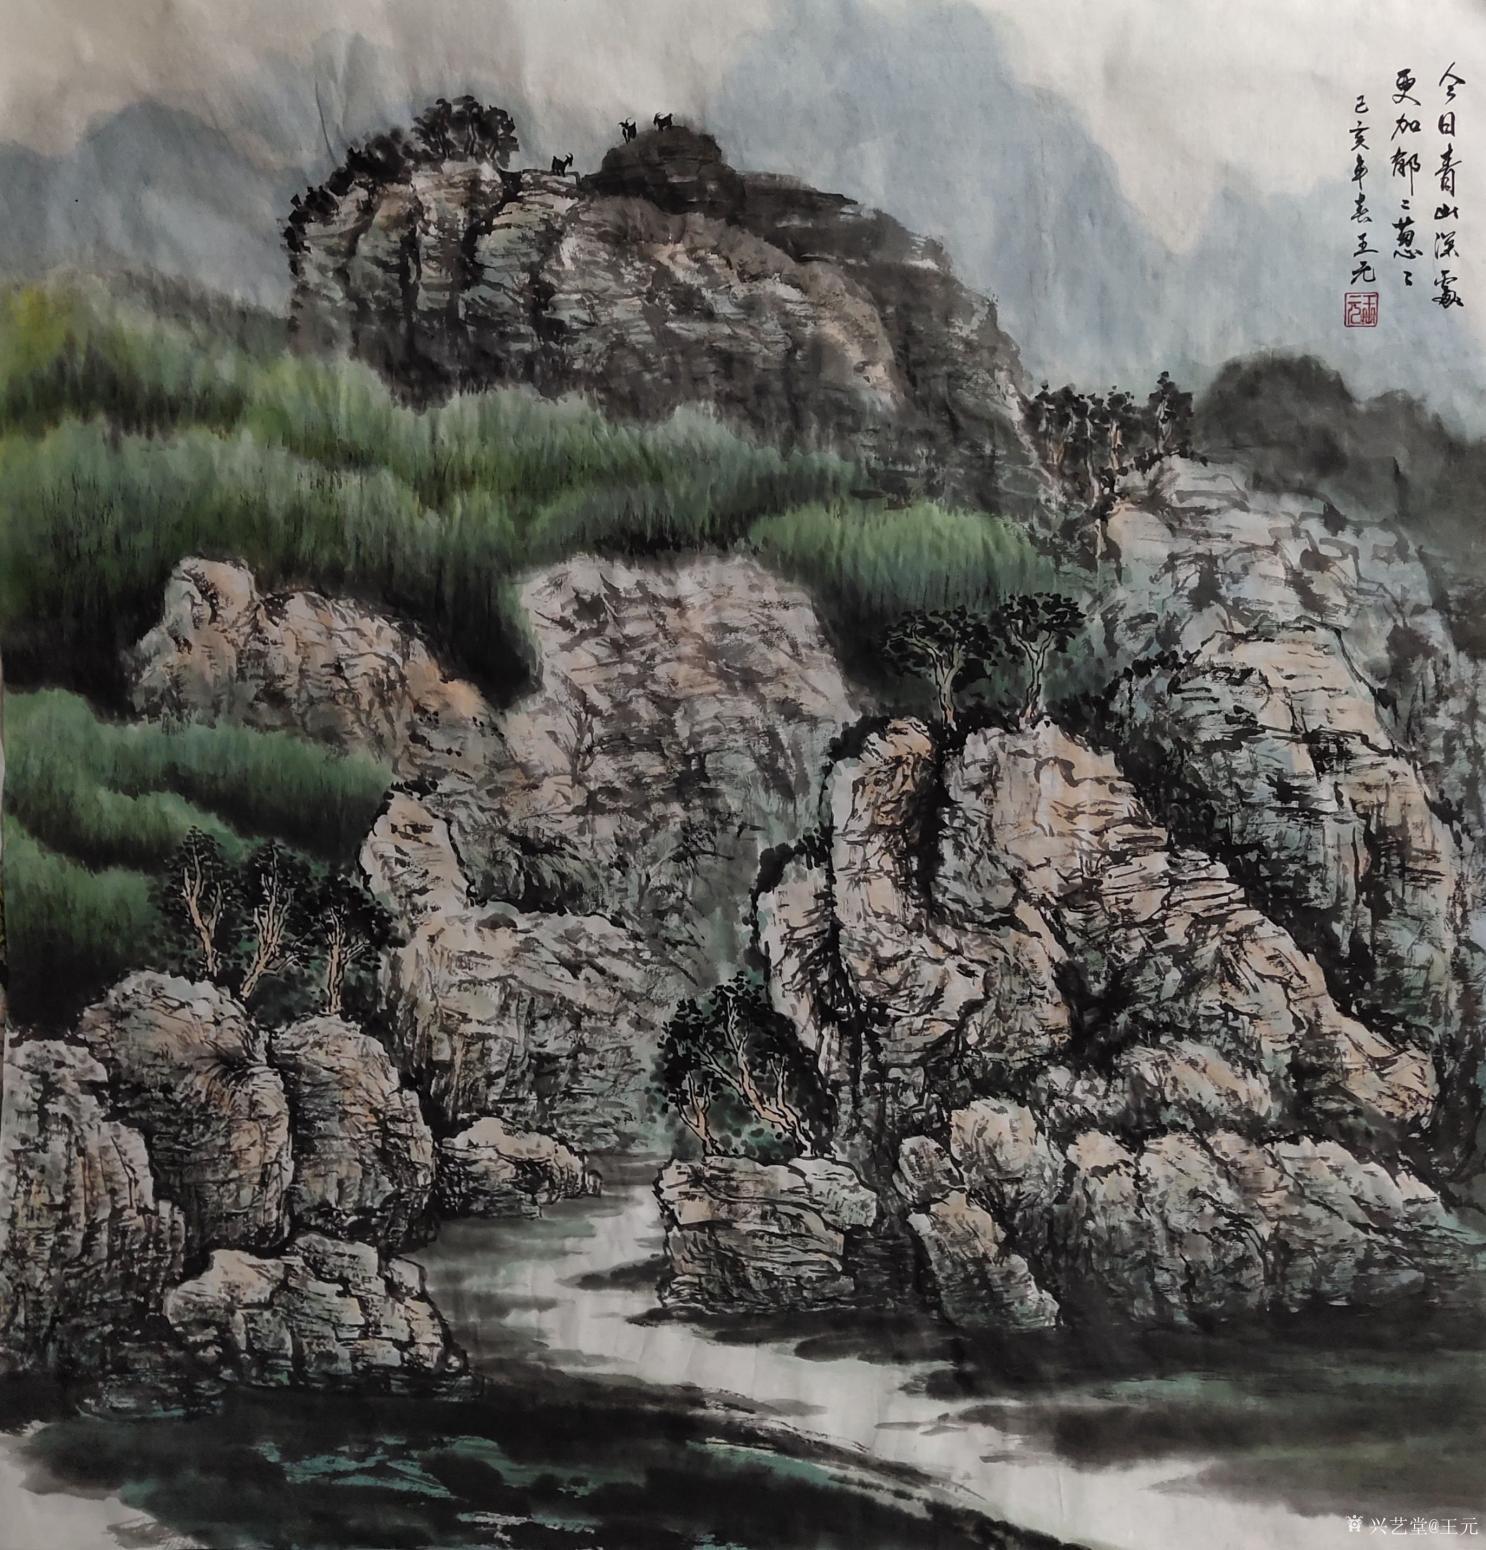 王元国画作品《青山深处郁郁葱葱》